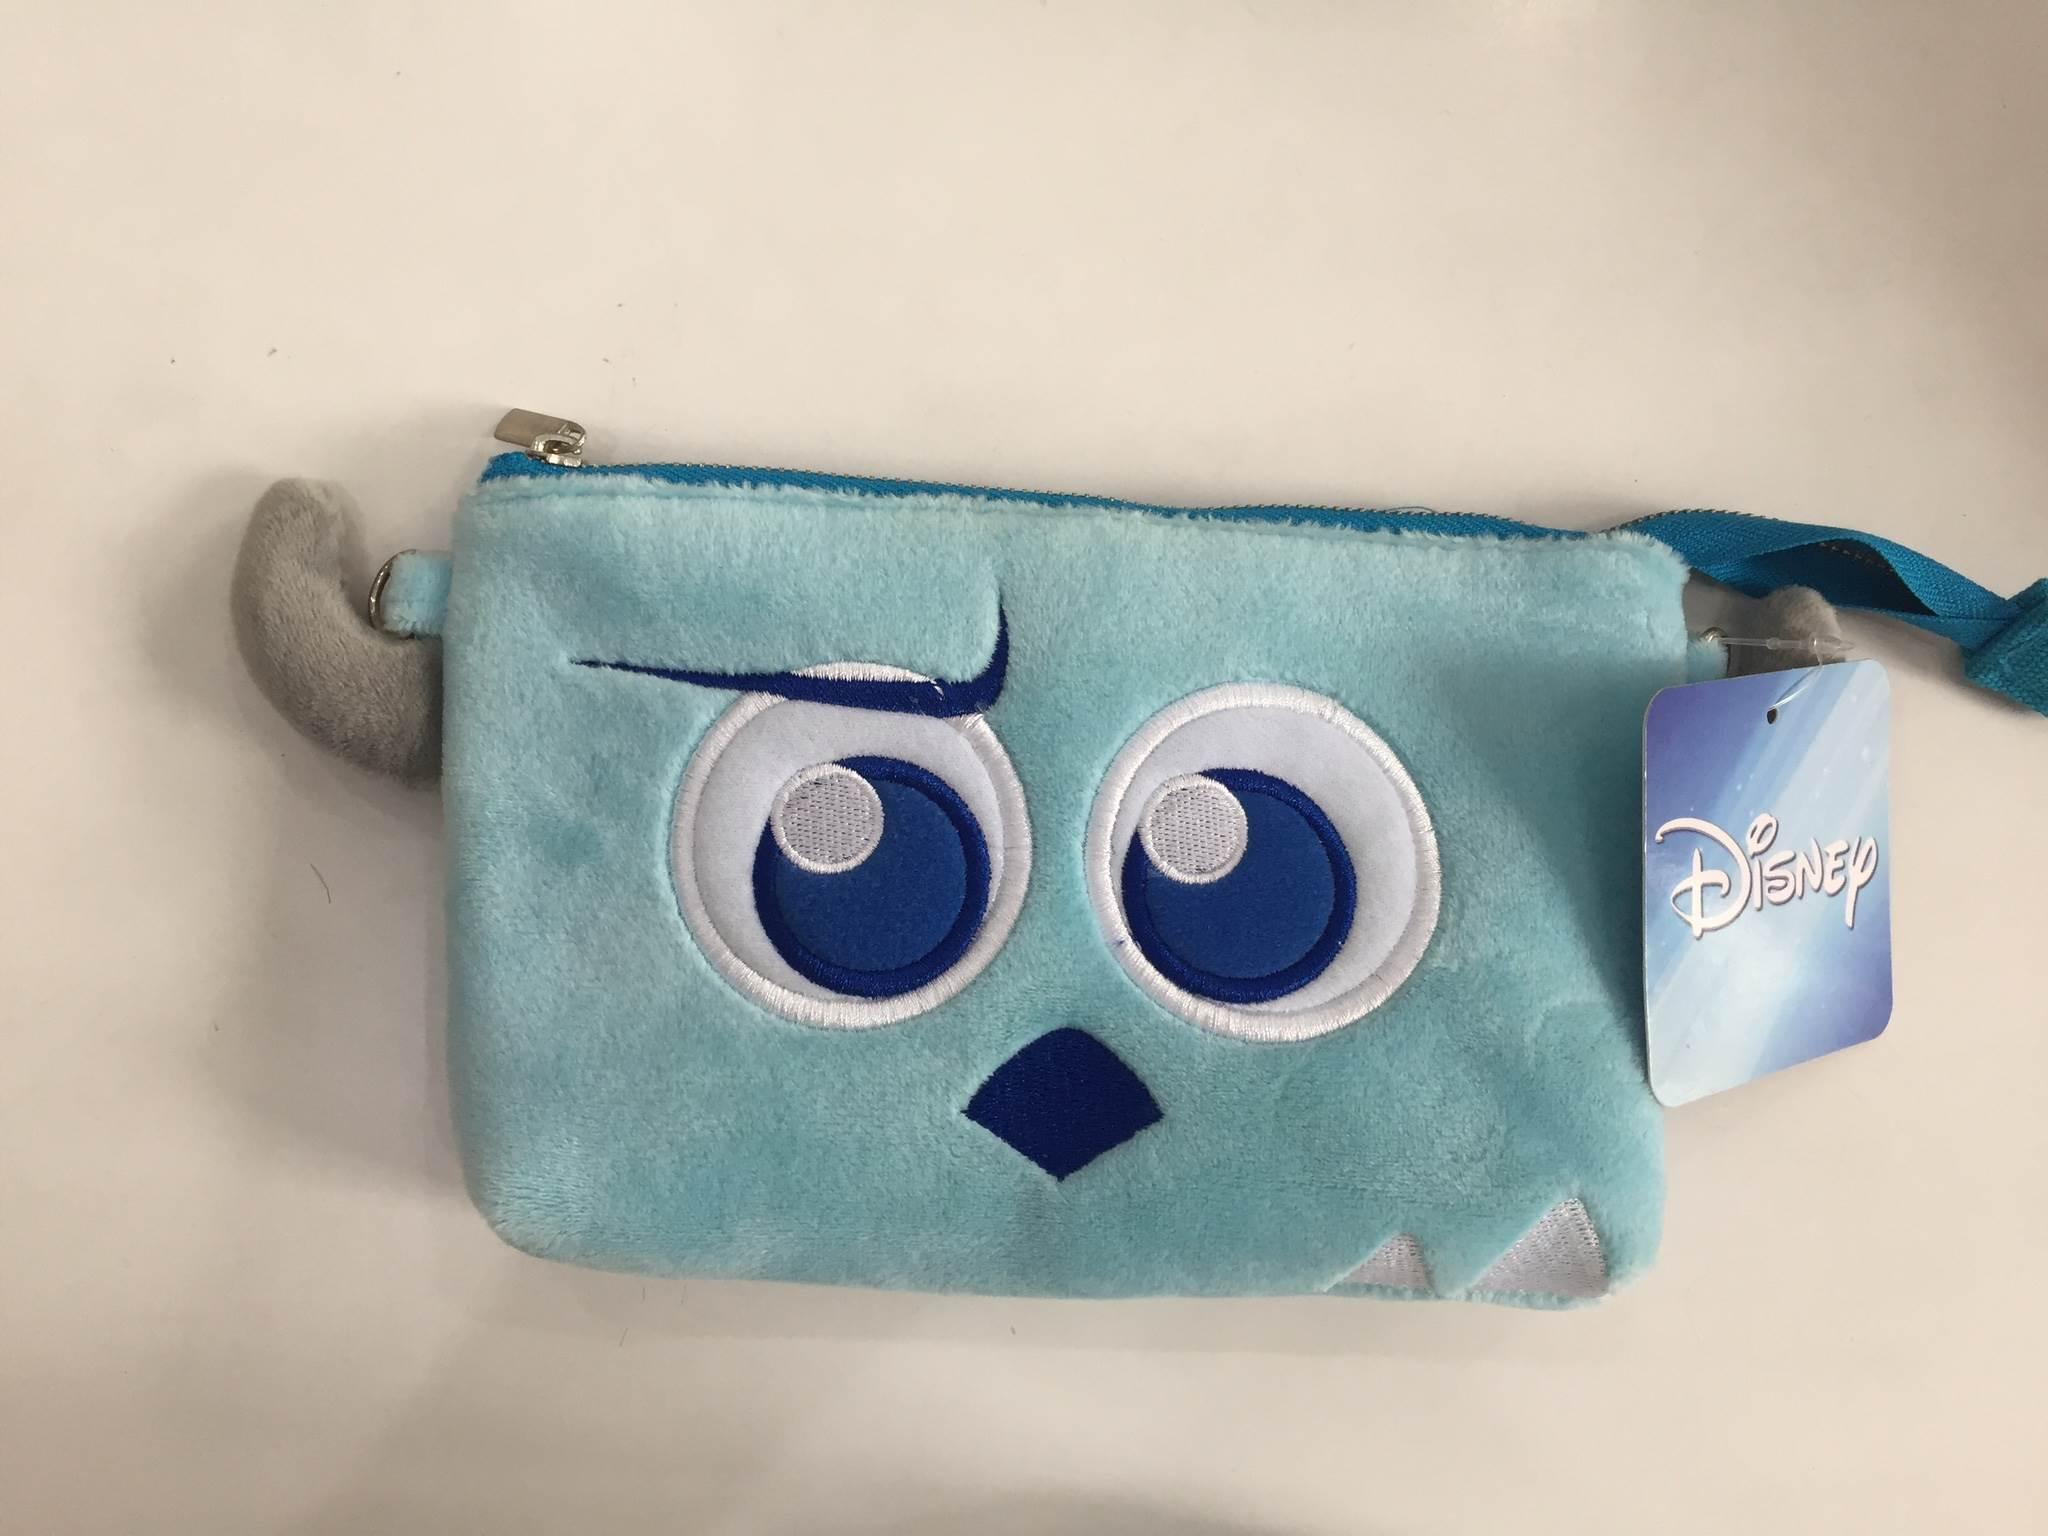 毛怪 迪士尼 背包 化妝包 隨身包 肩背包 側背包 斜背包 零錢包 附背袋背繩